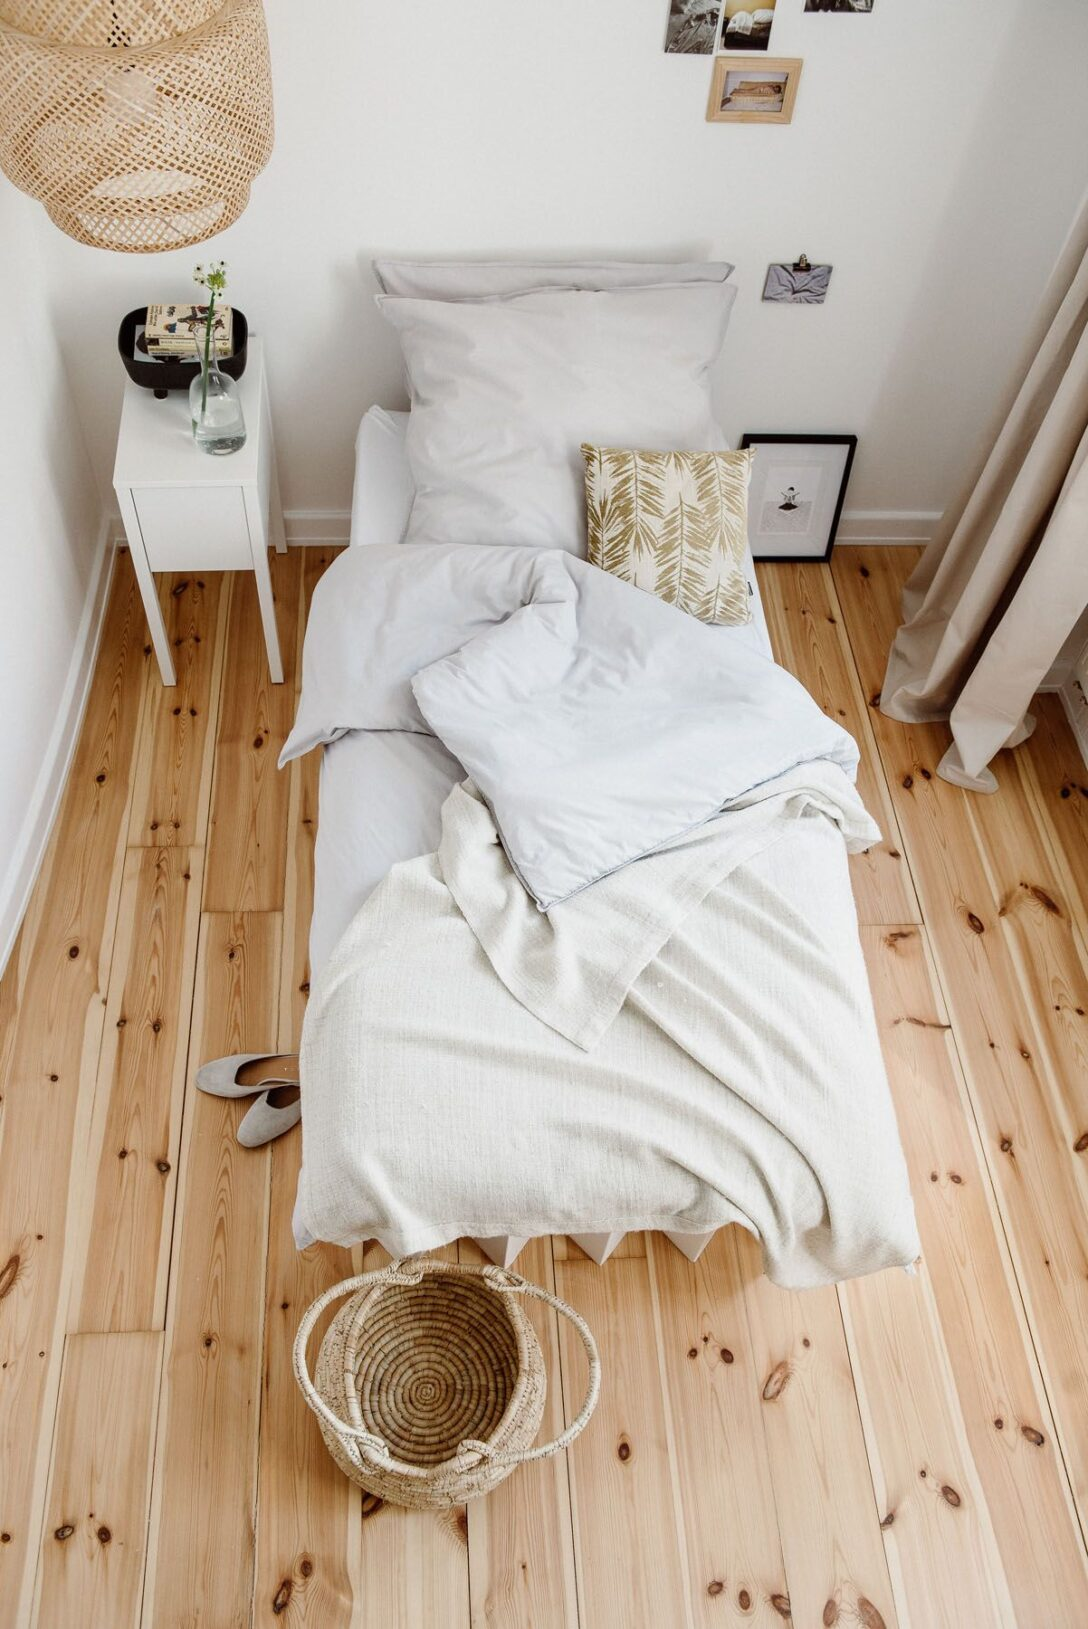 Large Size of Pappbett Ikea Sofa Mit Schlaffunktion Betten Bei Küche Kosten 160x200 Miniküche Kaufen Modulküche Wohnzimmer Pappbett Ikea